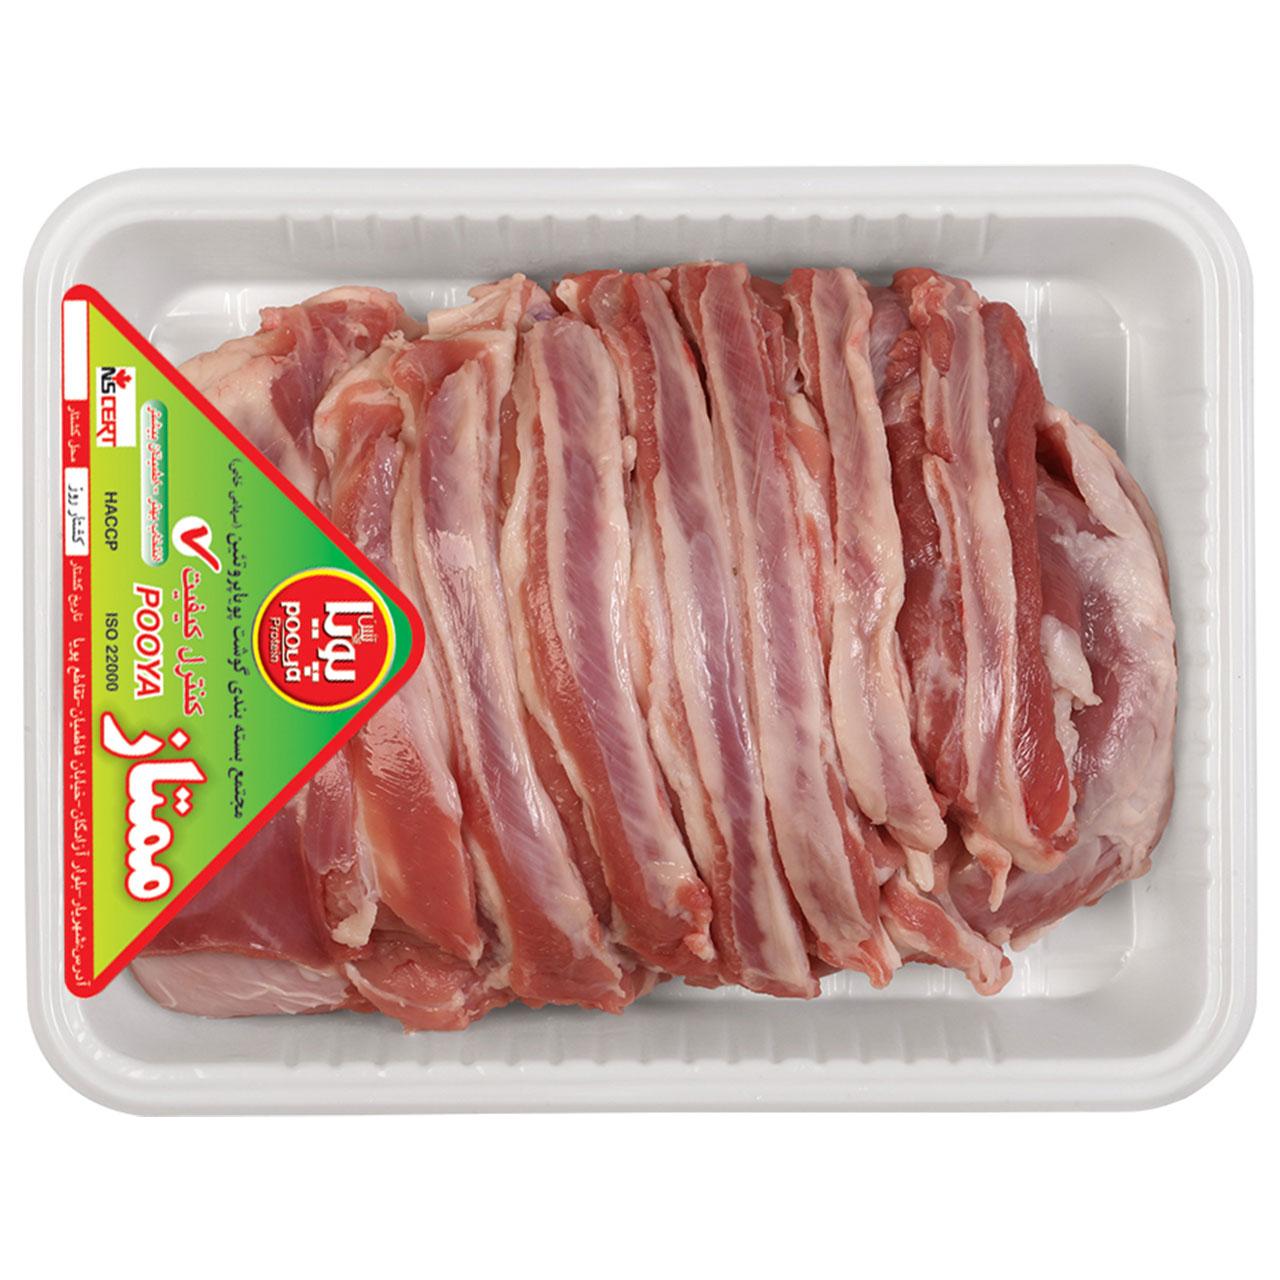 قلوه گاه گوسفندی پویا پروتئین وزن 1 کیلوگرم - با ارز نیمایی